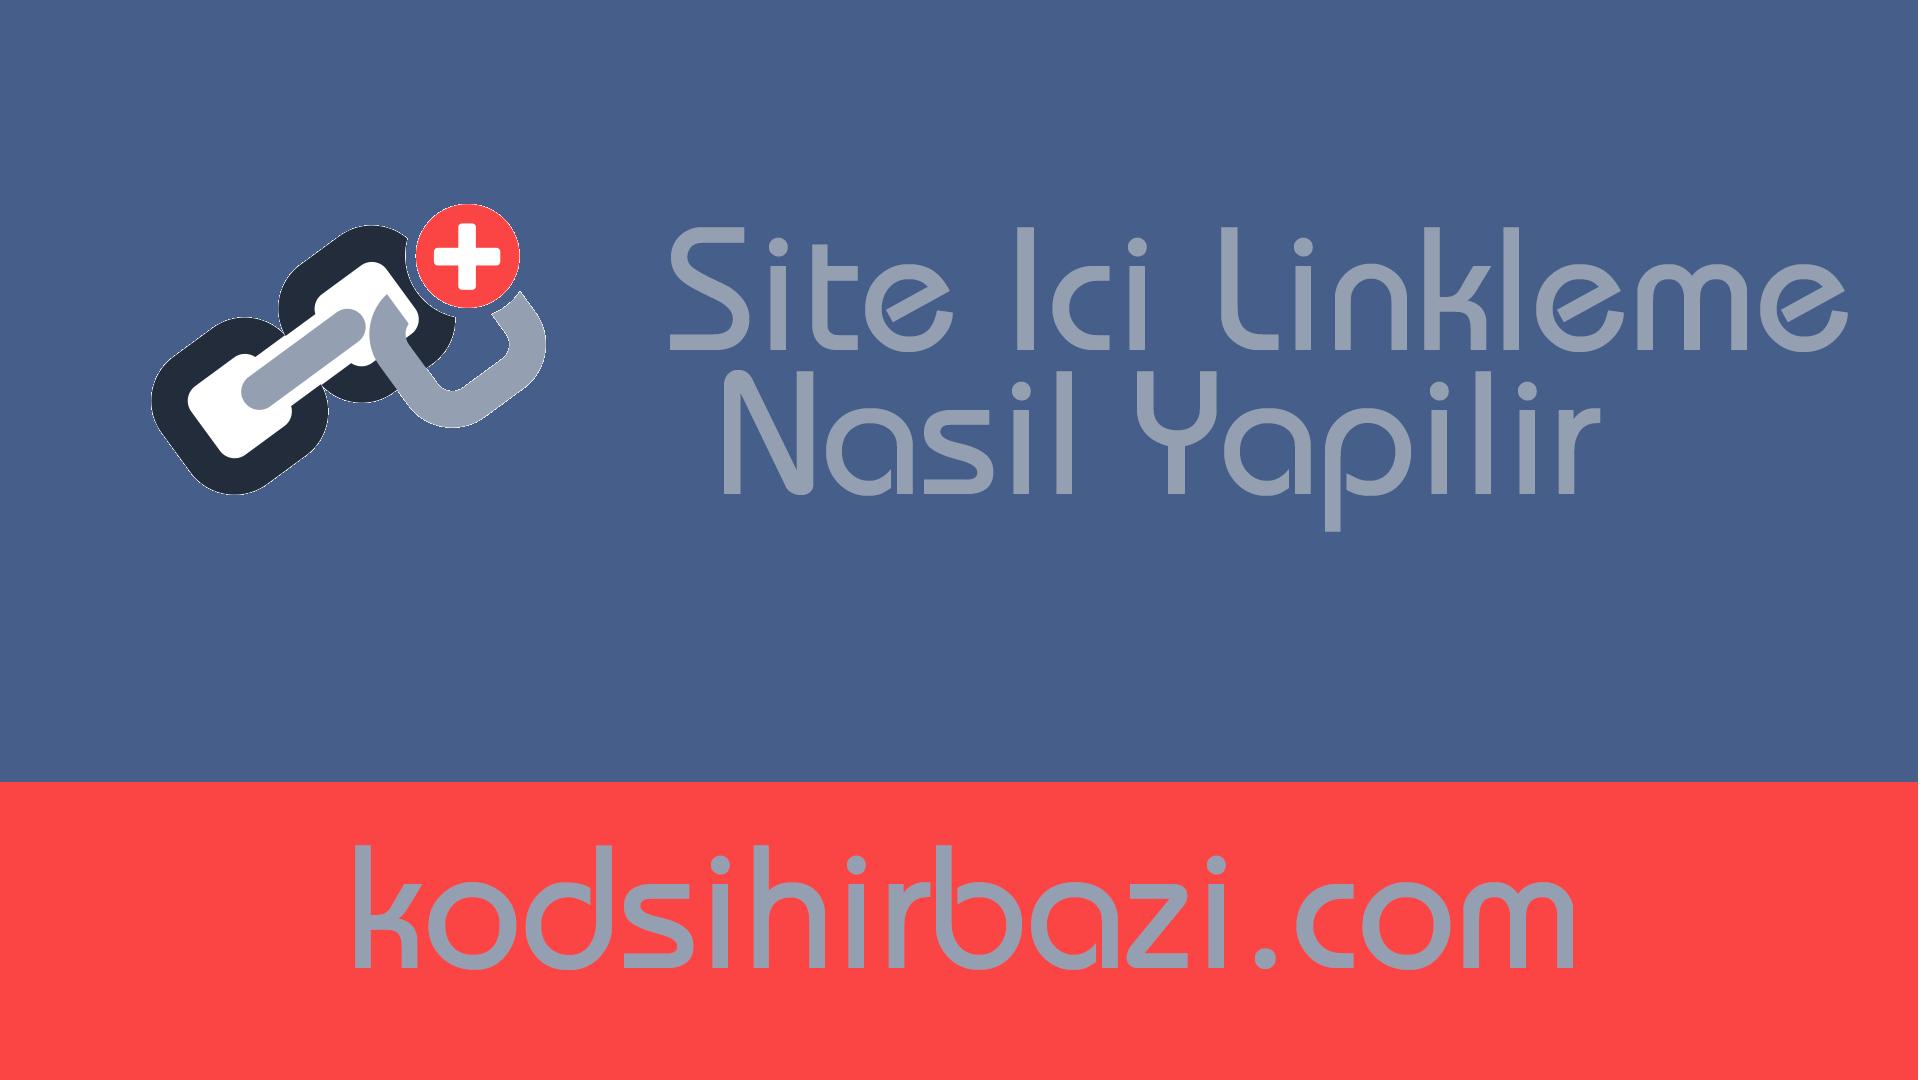 Site İçi Linkleme Nasıl Yapılır